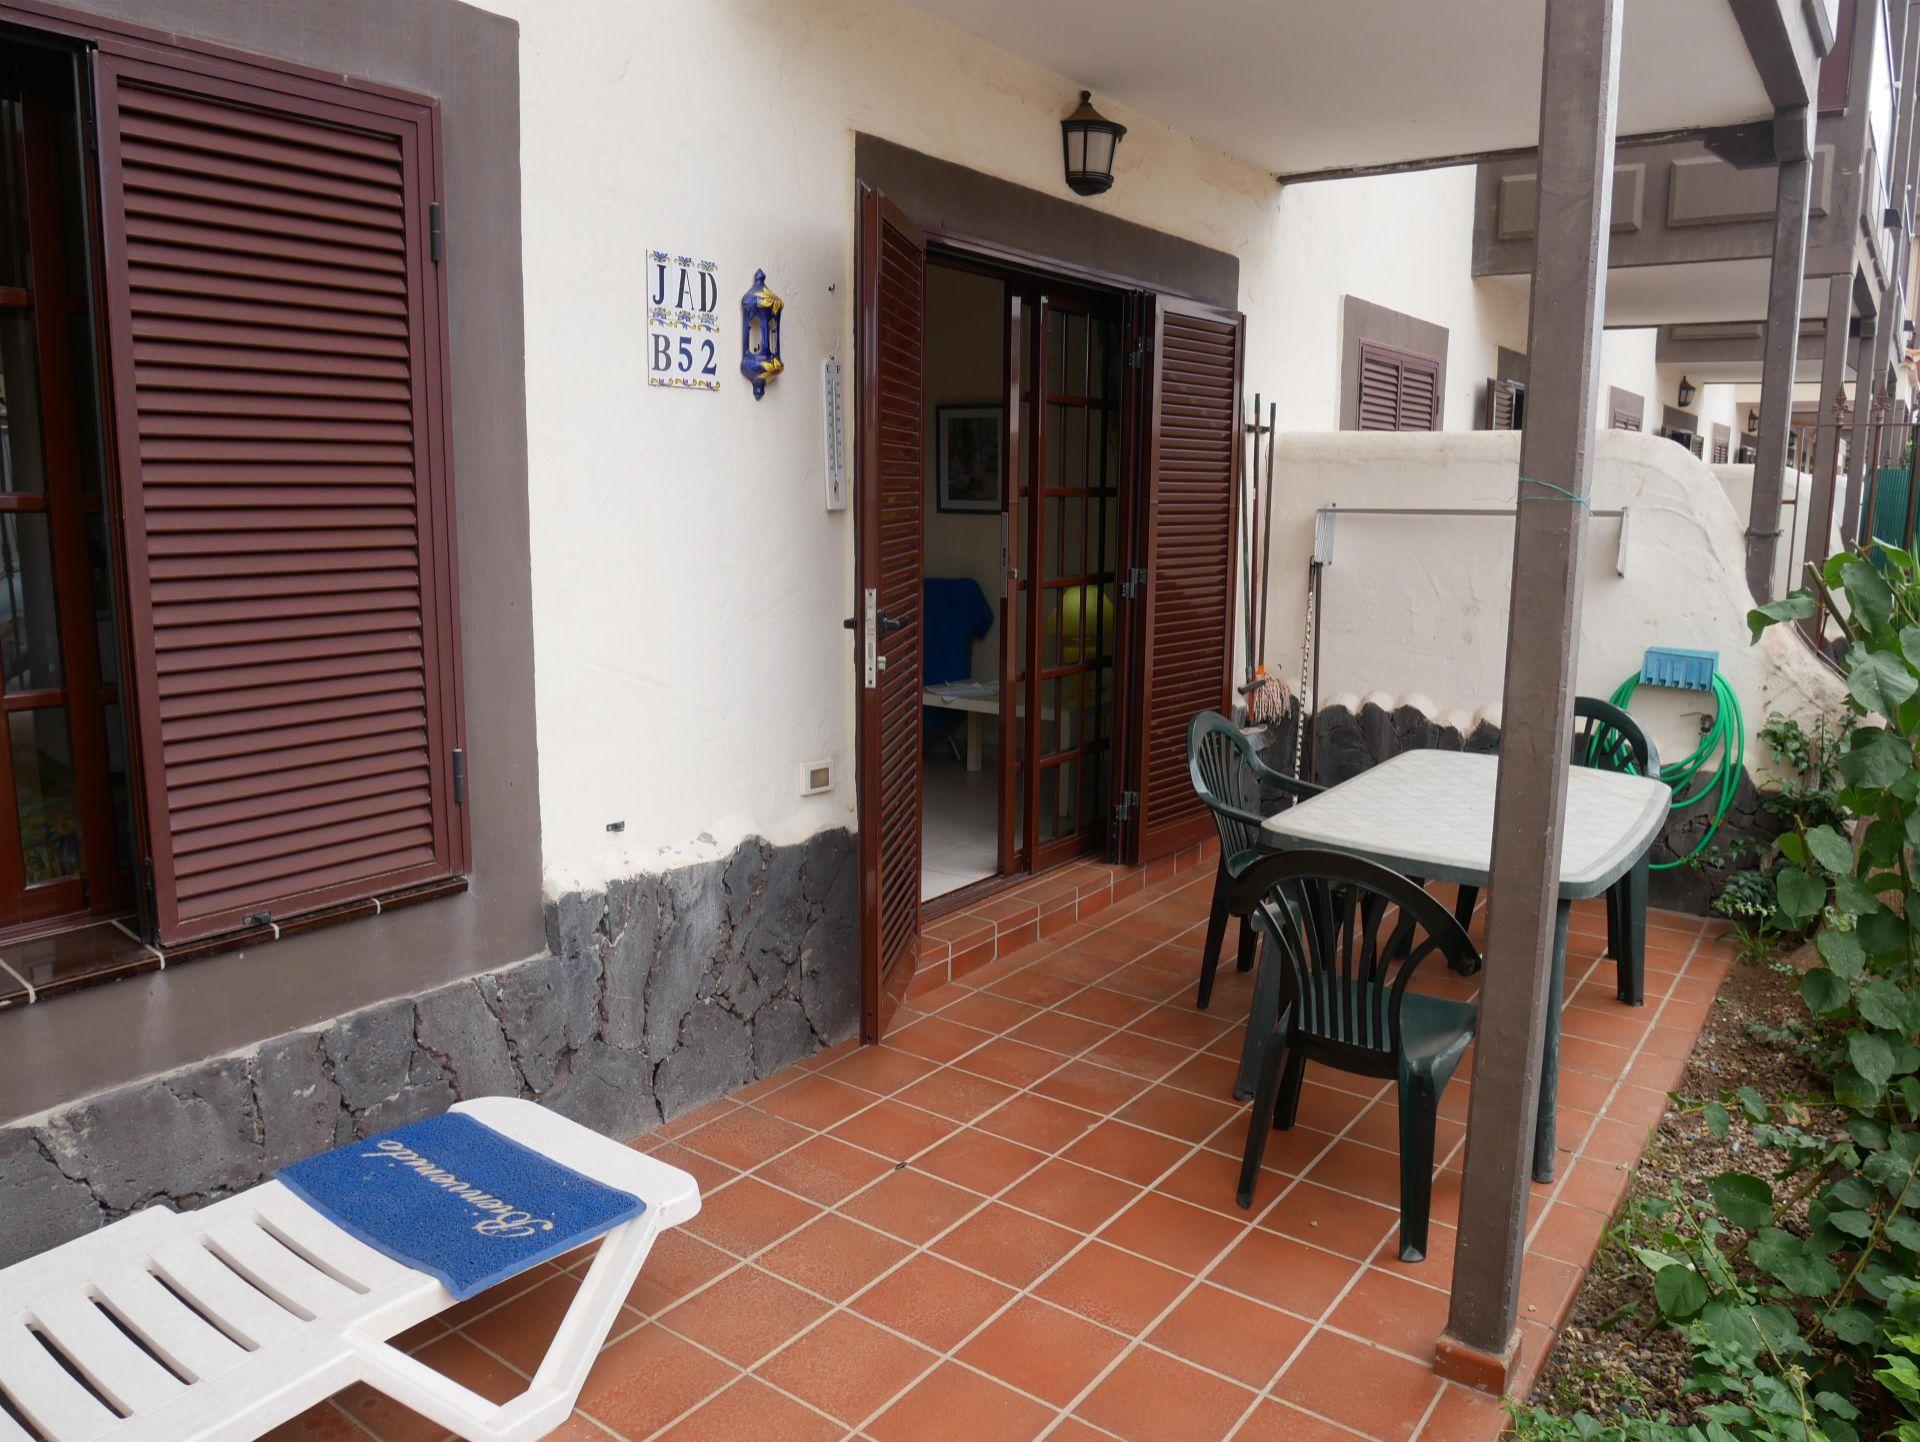 Apartment mit 1 Schlafzimmer im Erdgeschoss des Komplexes Balcon del Mar.   Das Anwesen .... mehr Info